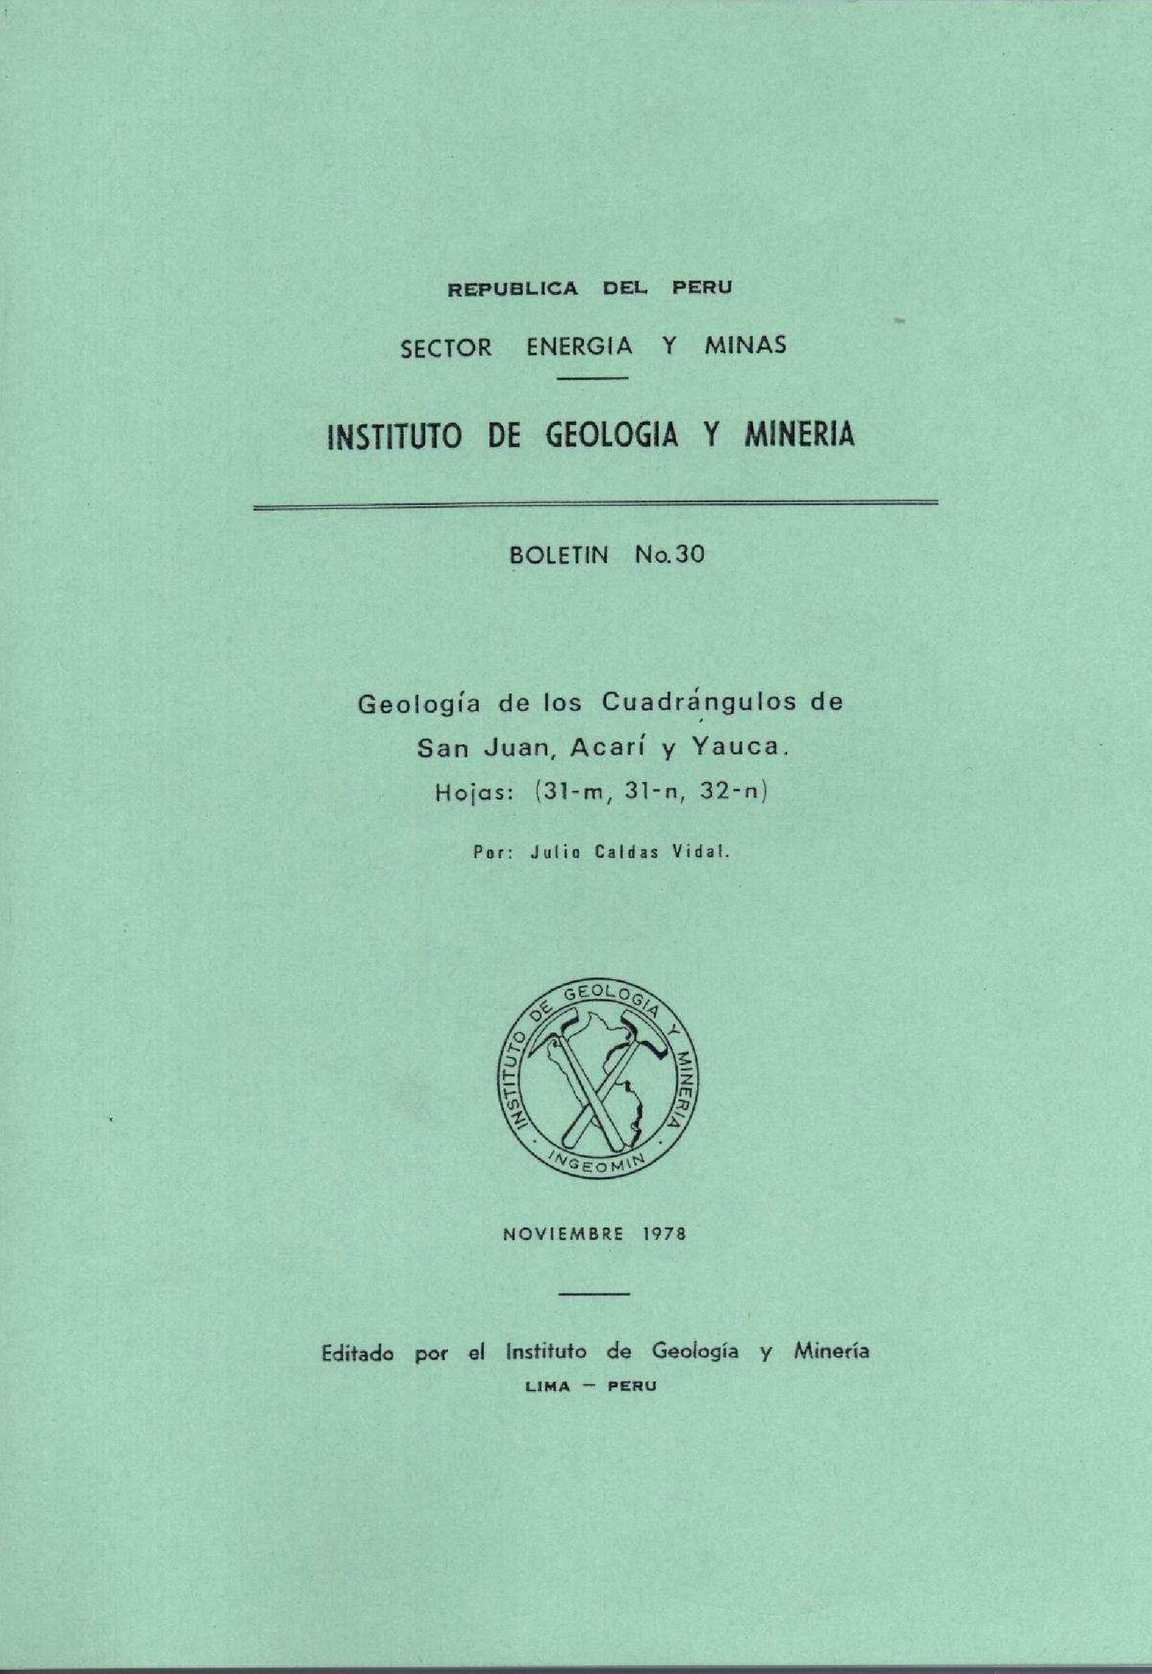 Calaméo - Geología - Cuadrangulo de San Juan (31m), Acarí (31n) y ...